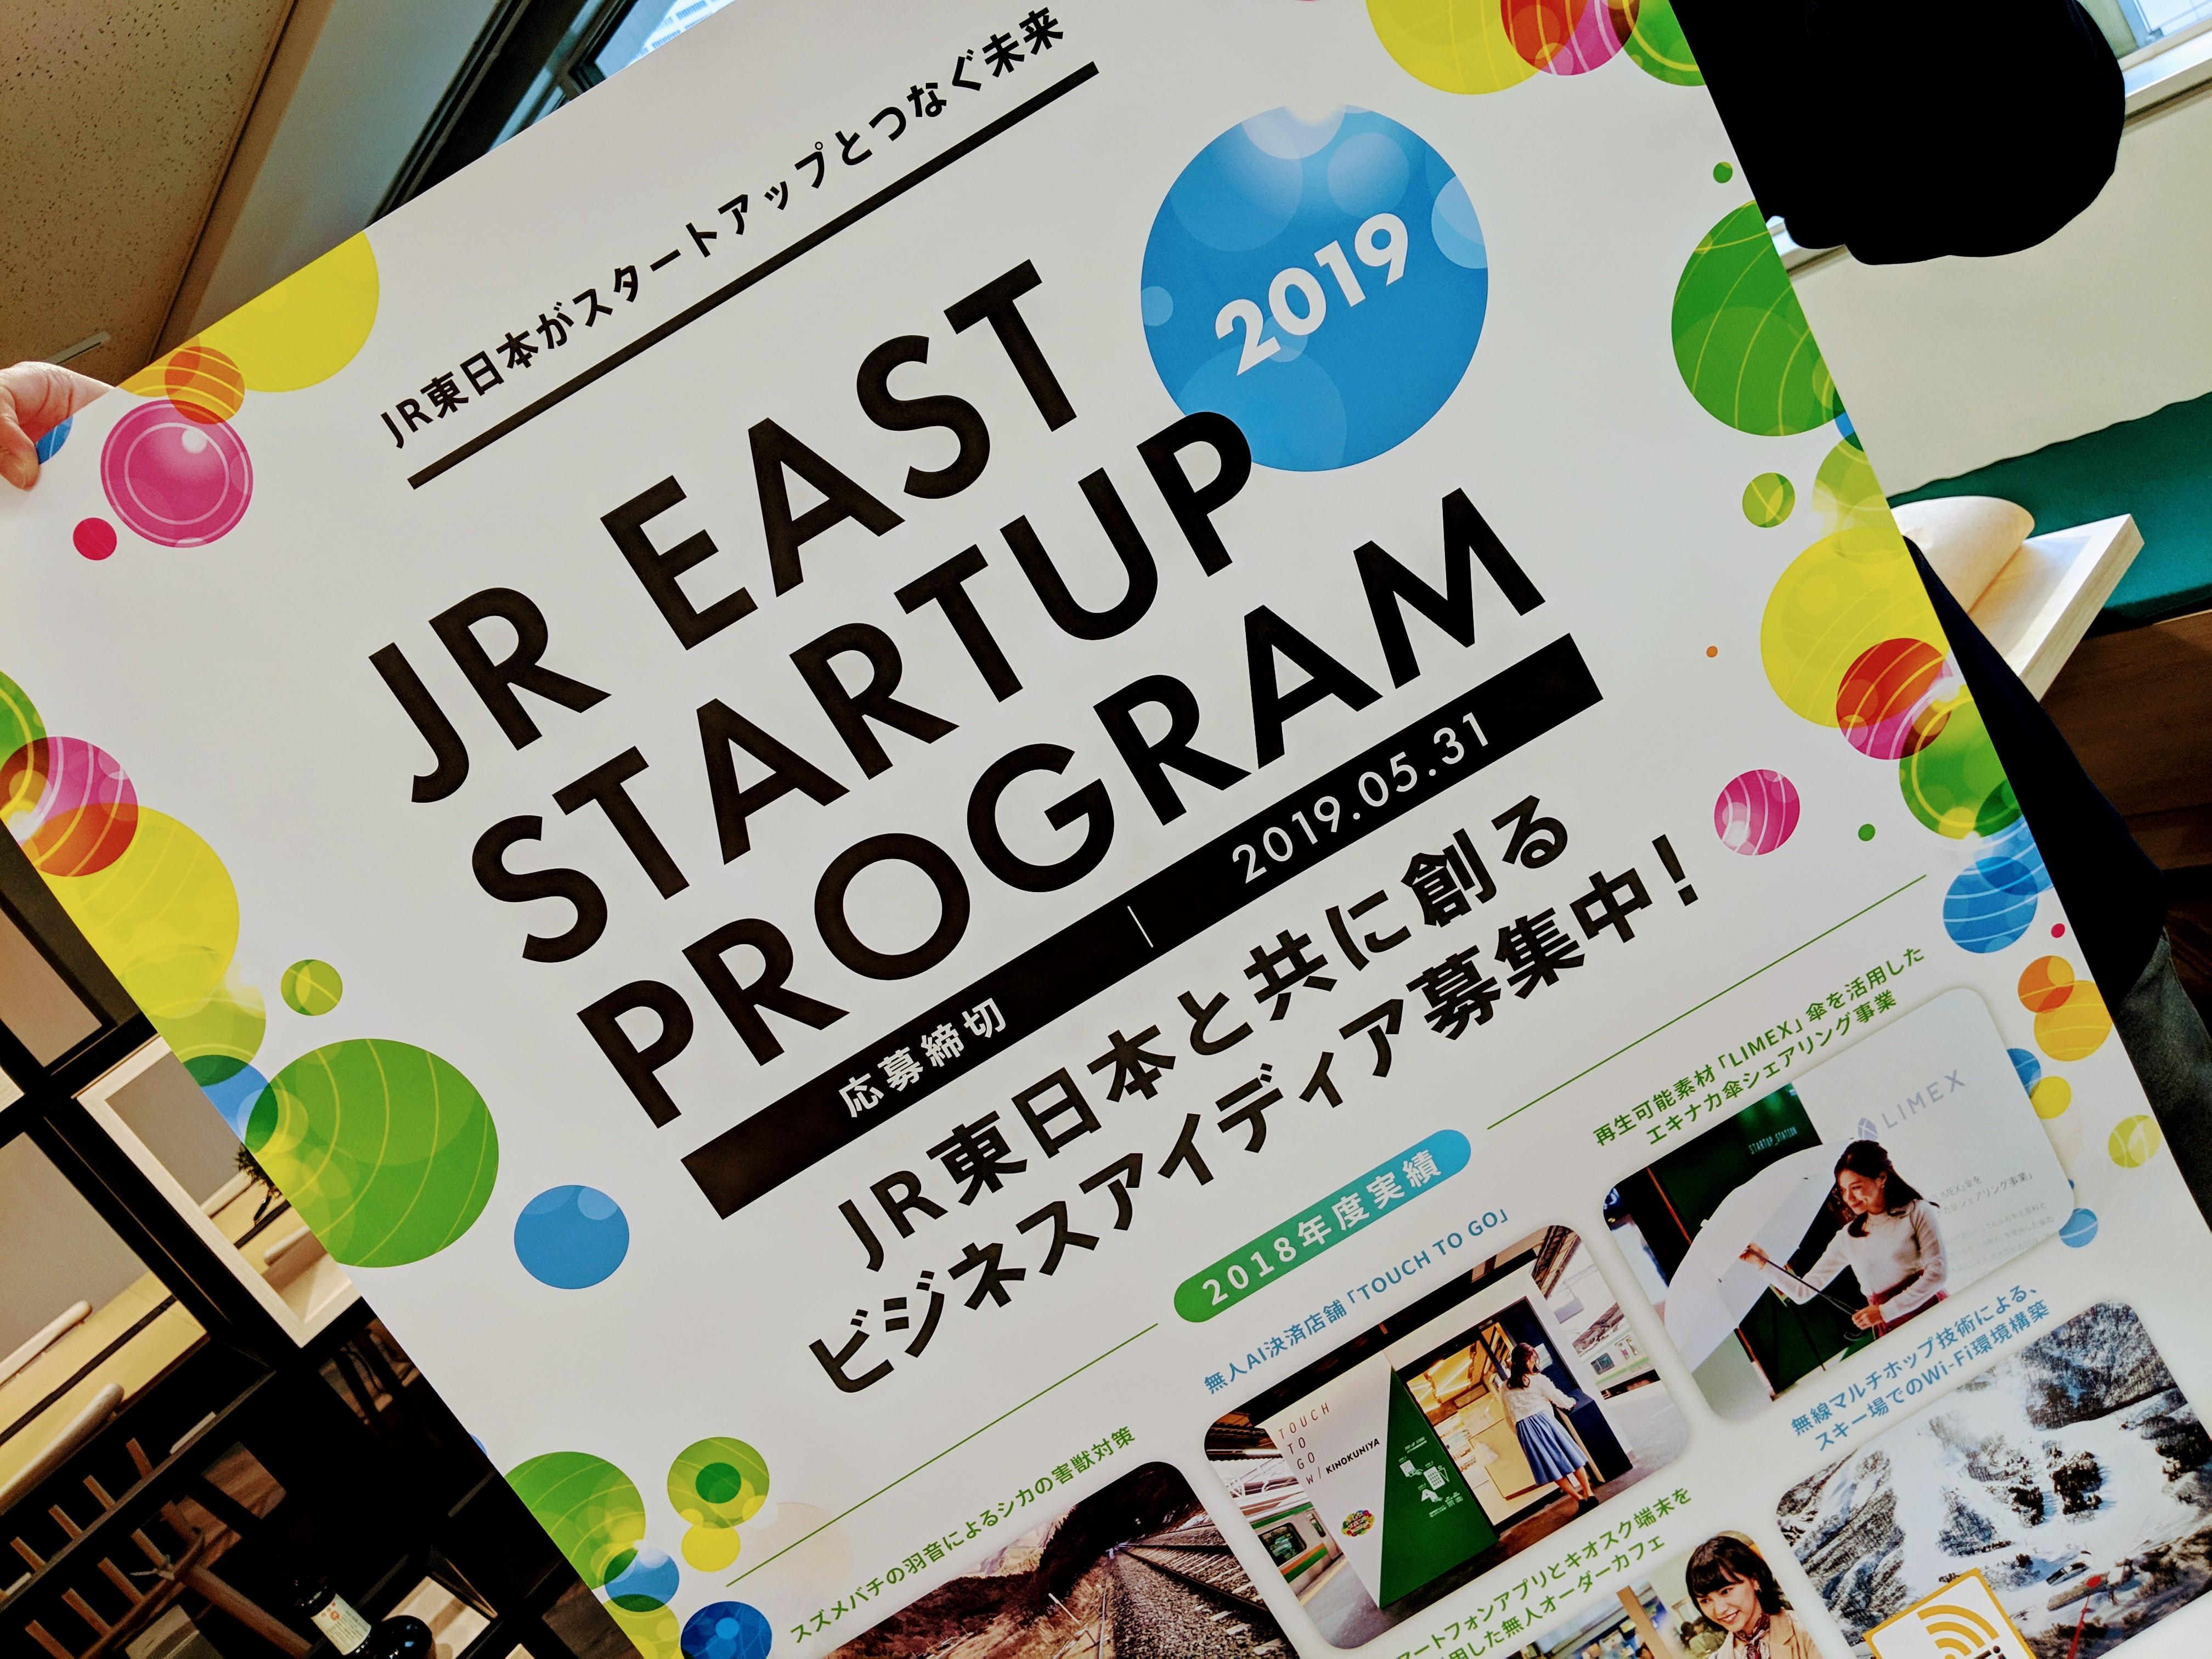 「スタートアップ×JR」だからできる事業共創、お待ちしてます!